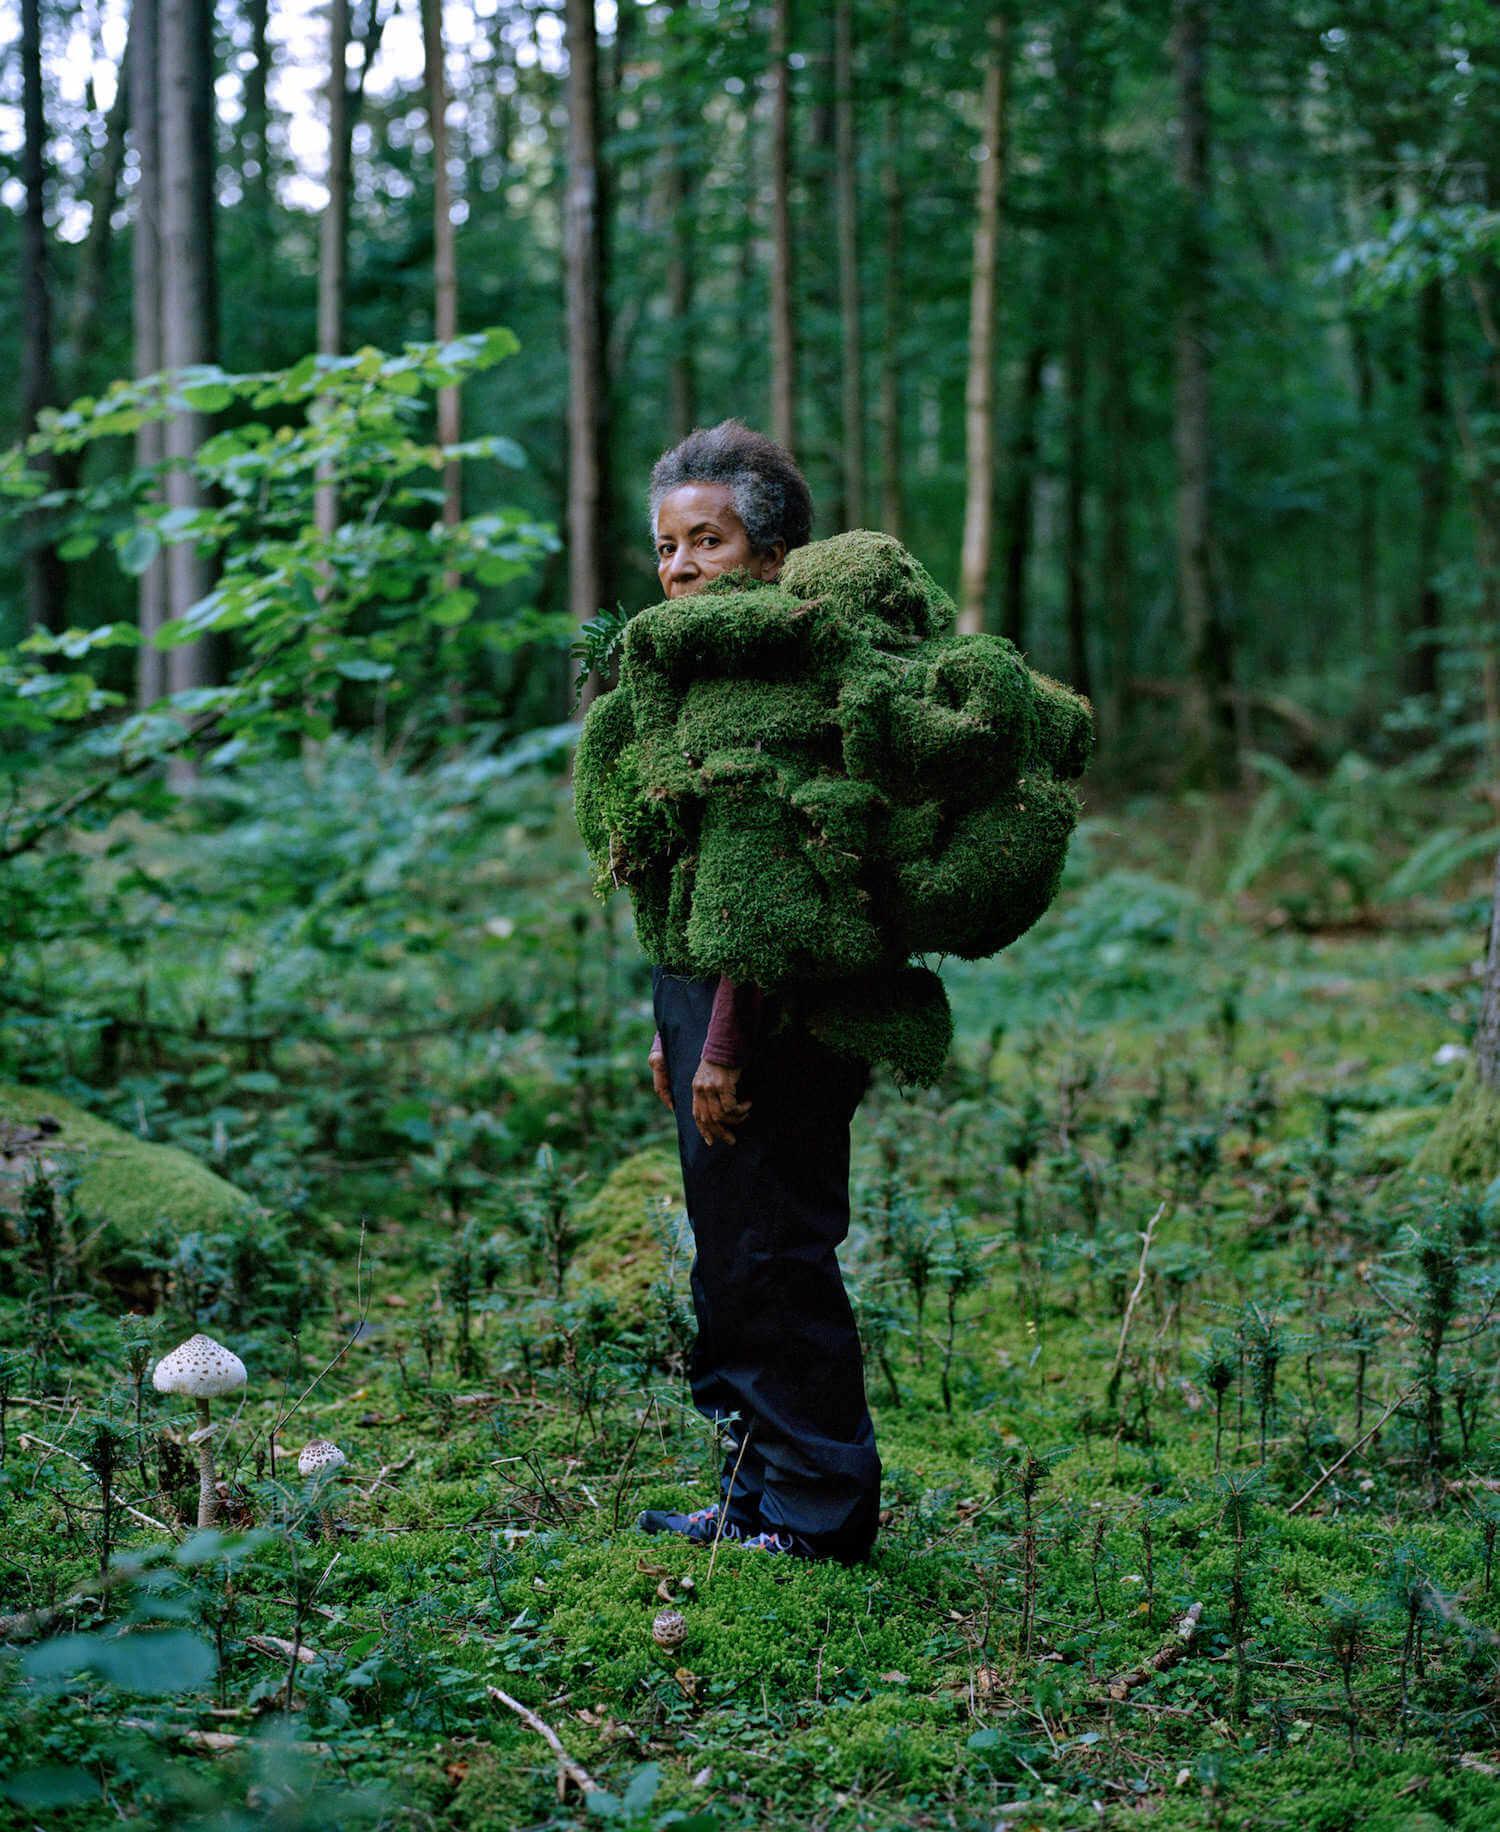 escultura humana de una mujer entre un bosque